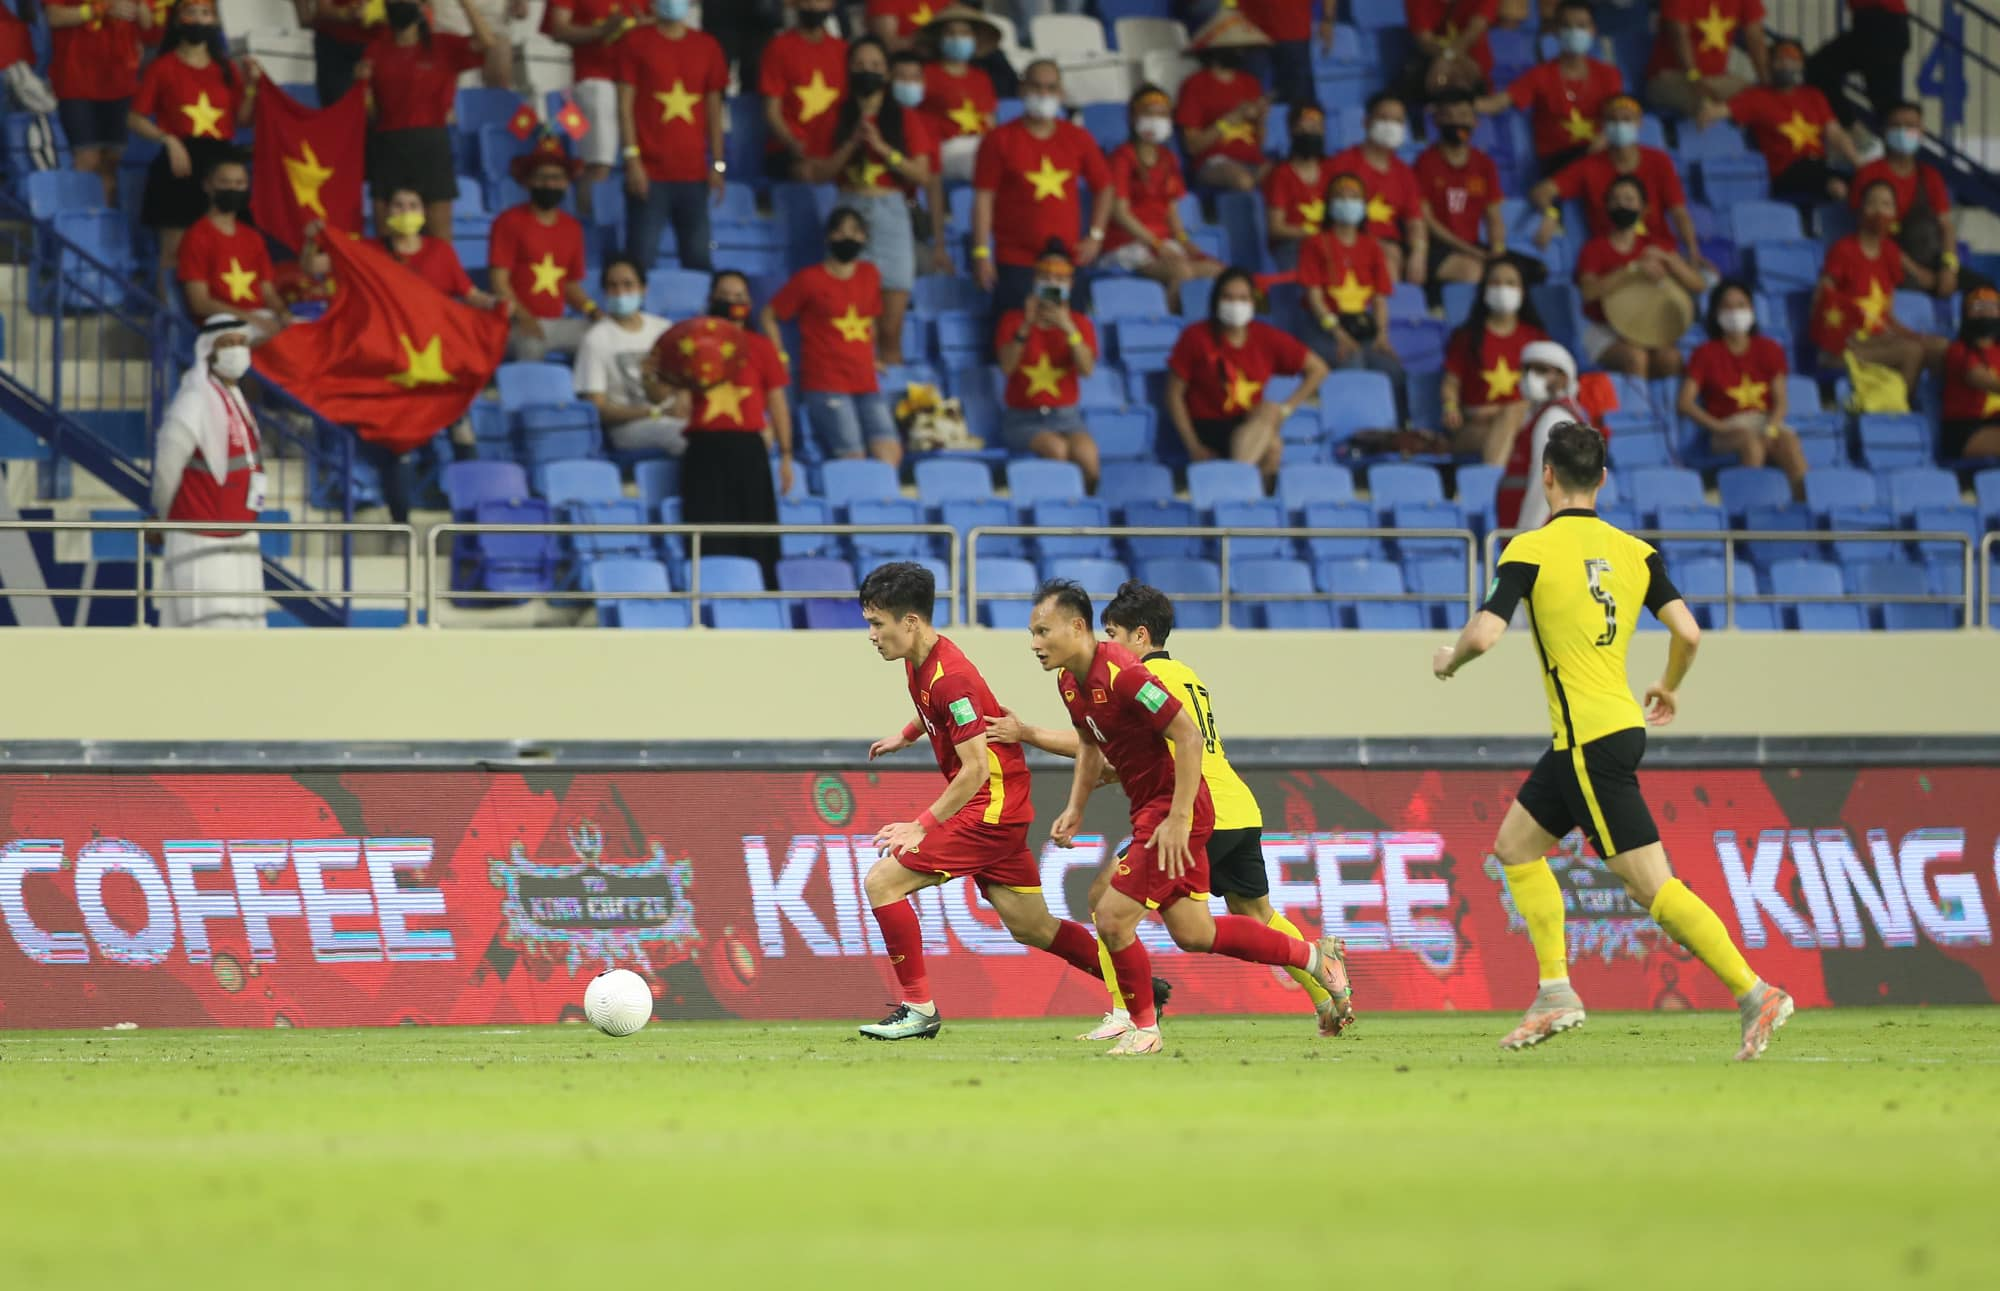 Các doanh nghiệp đã chi bao nhiều tiền để xuất hiện trong trận đấu của đội tuyển Việt Nam? - Ảnh 1.